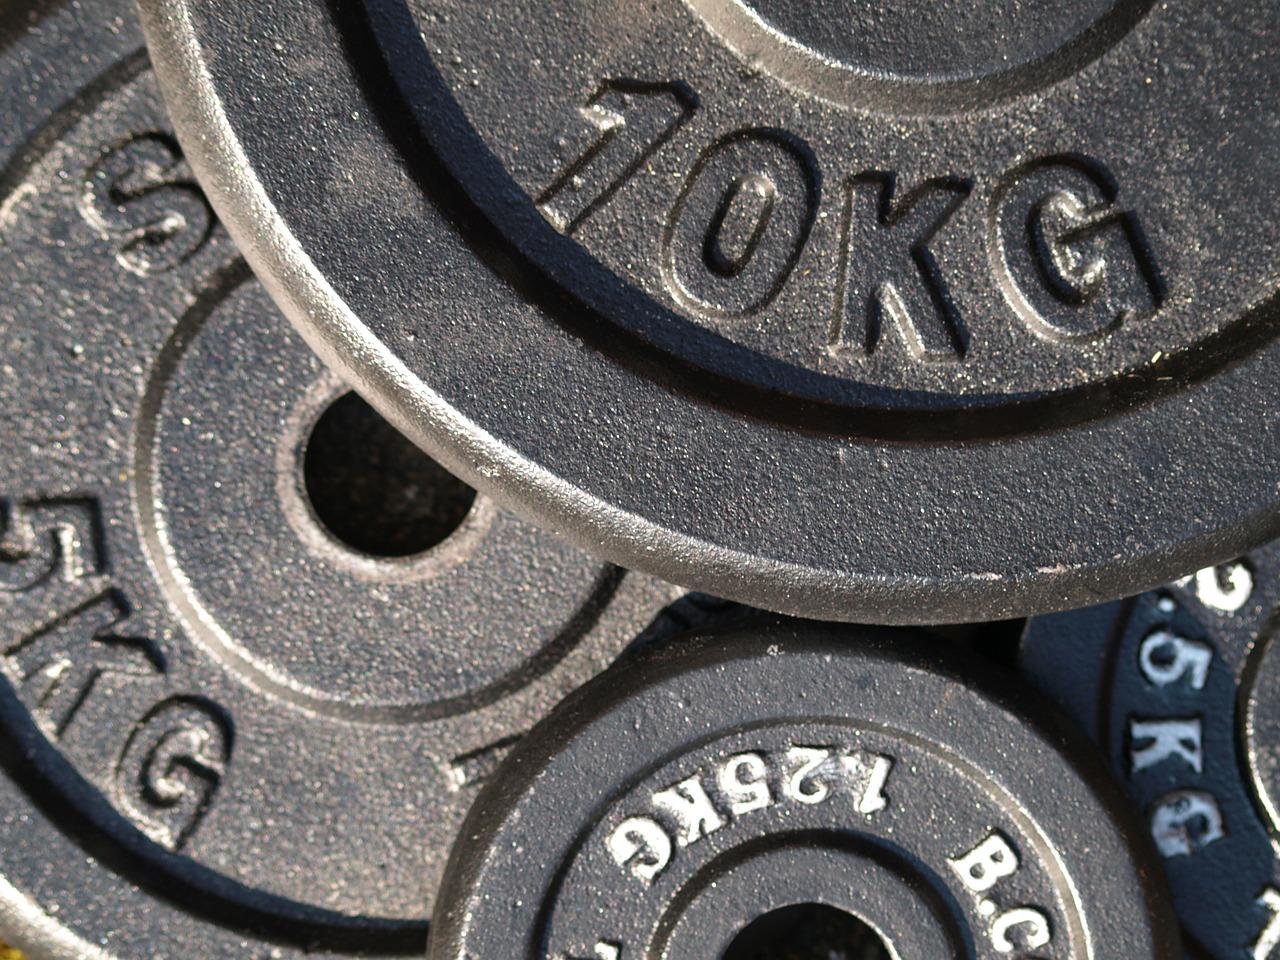 ベンチプレス100kgを目指す!最短で上げるために必要な5つのポイント